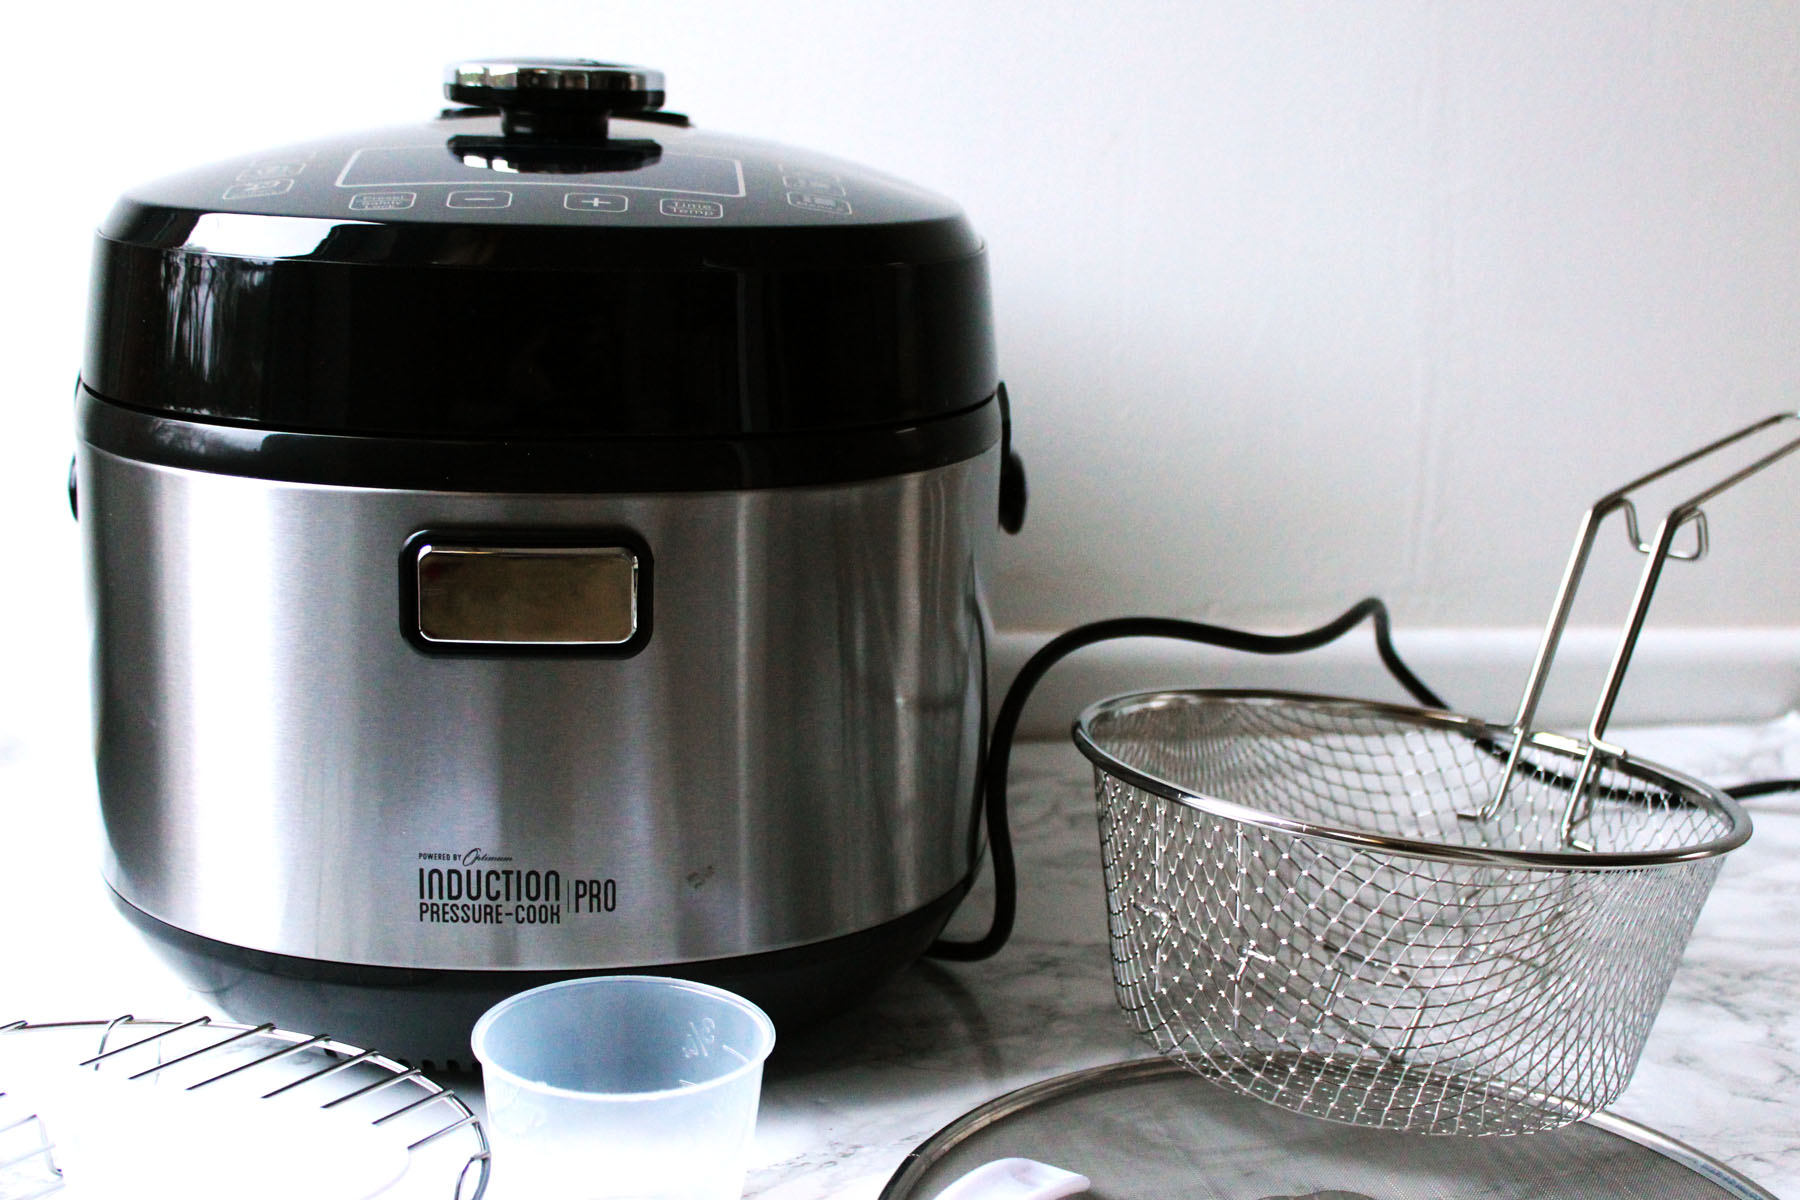 Optimum Pressure Cooker PRO Review